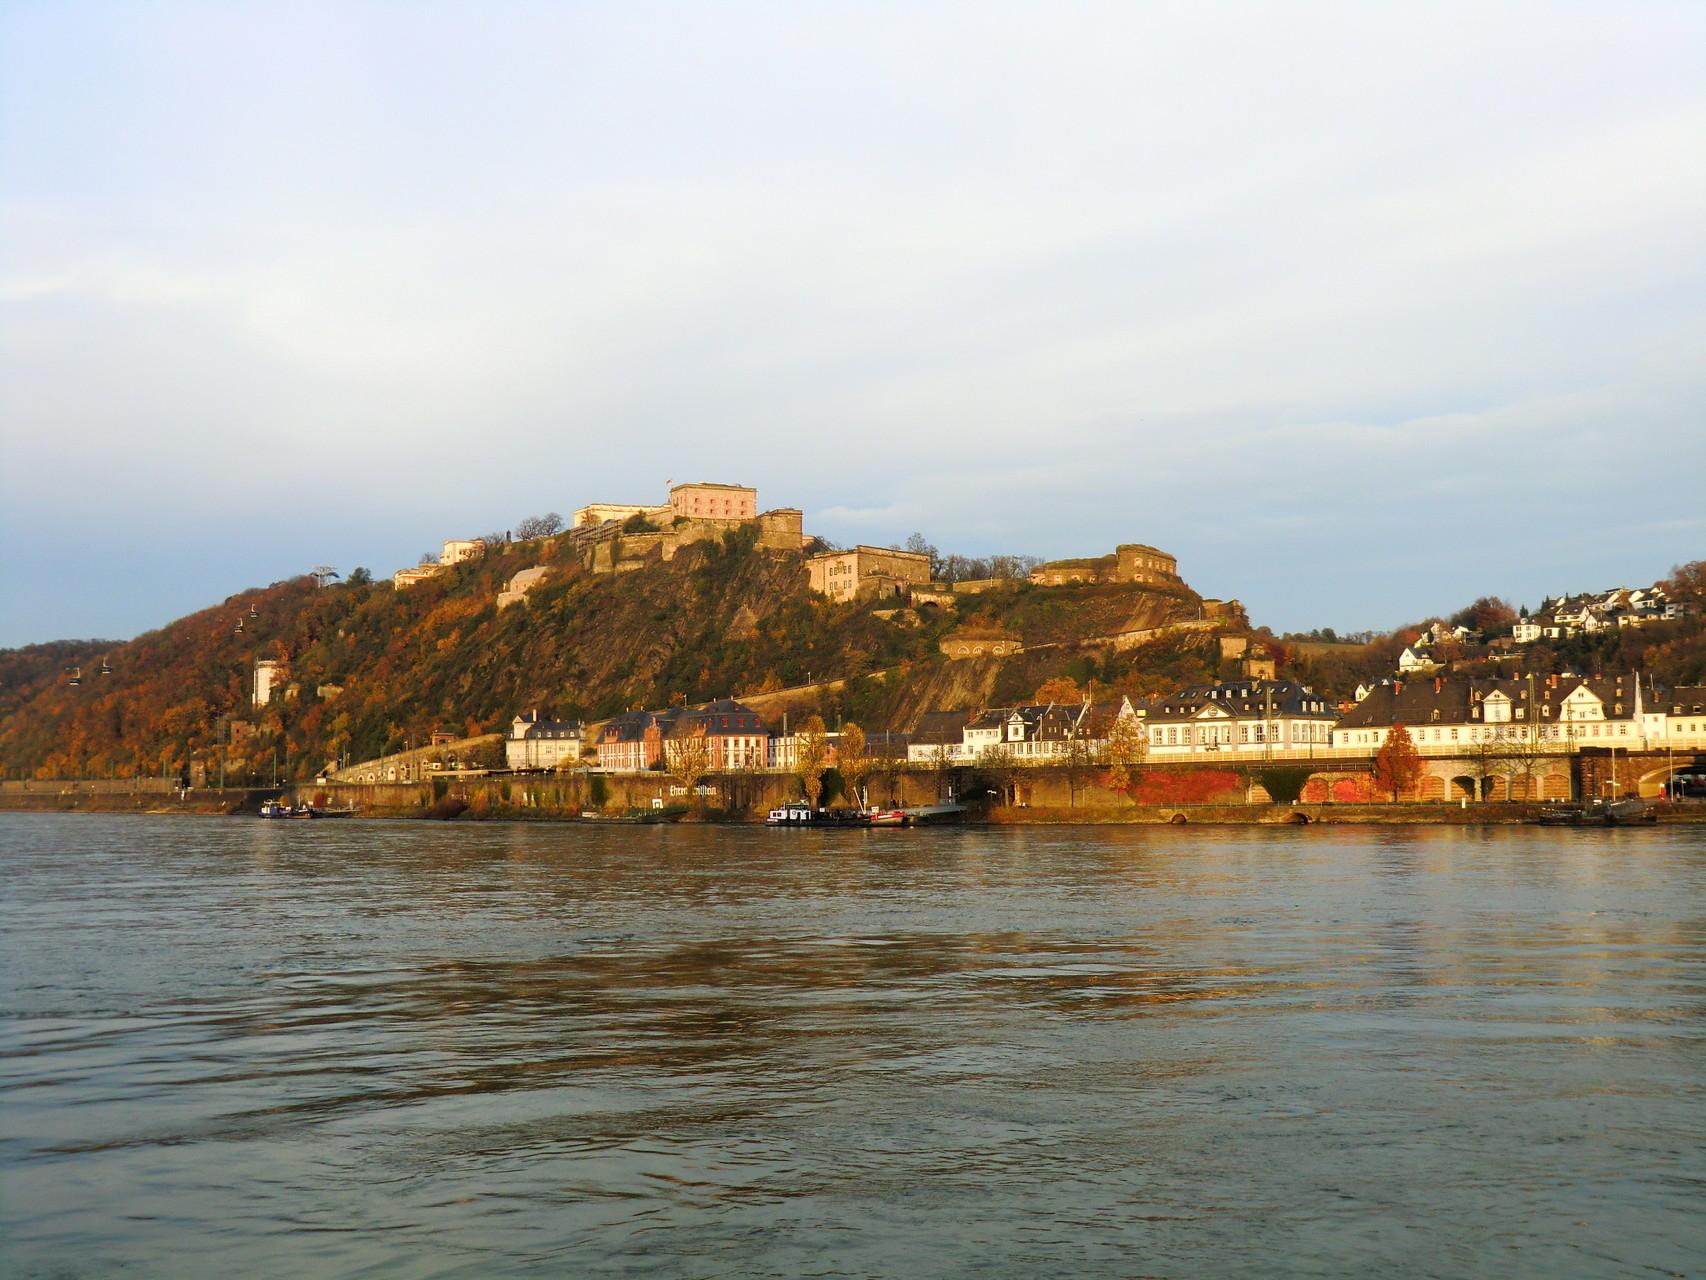 Festung Ehrenbreitstein.